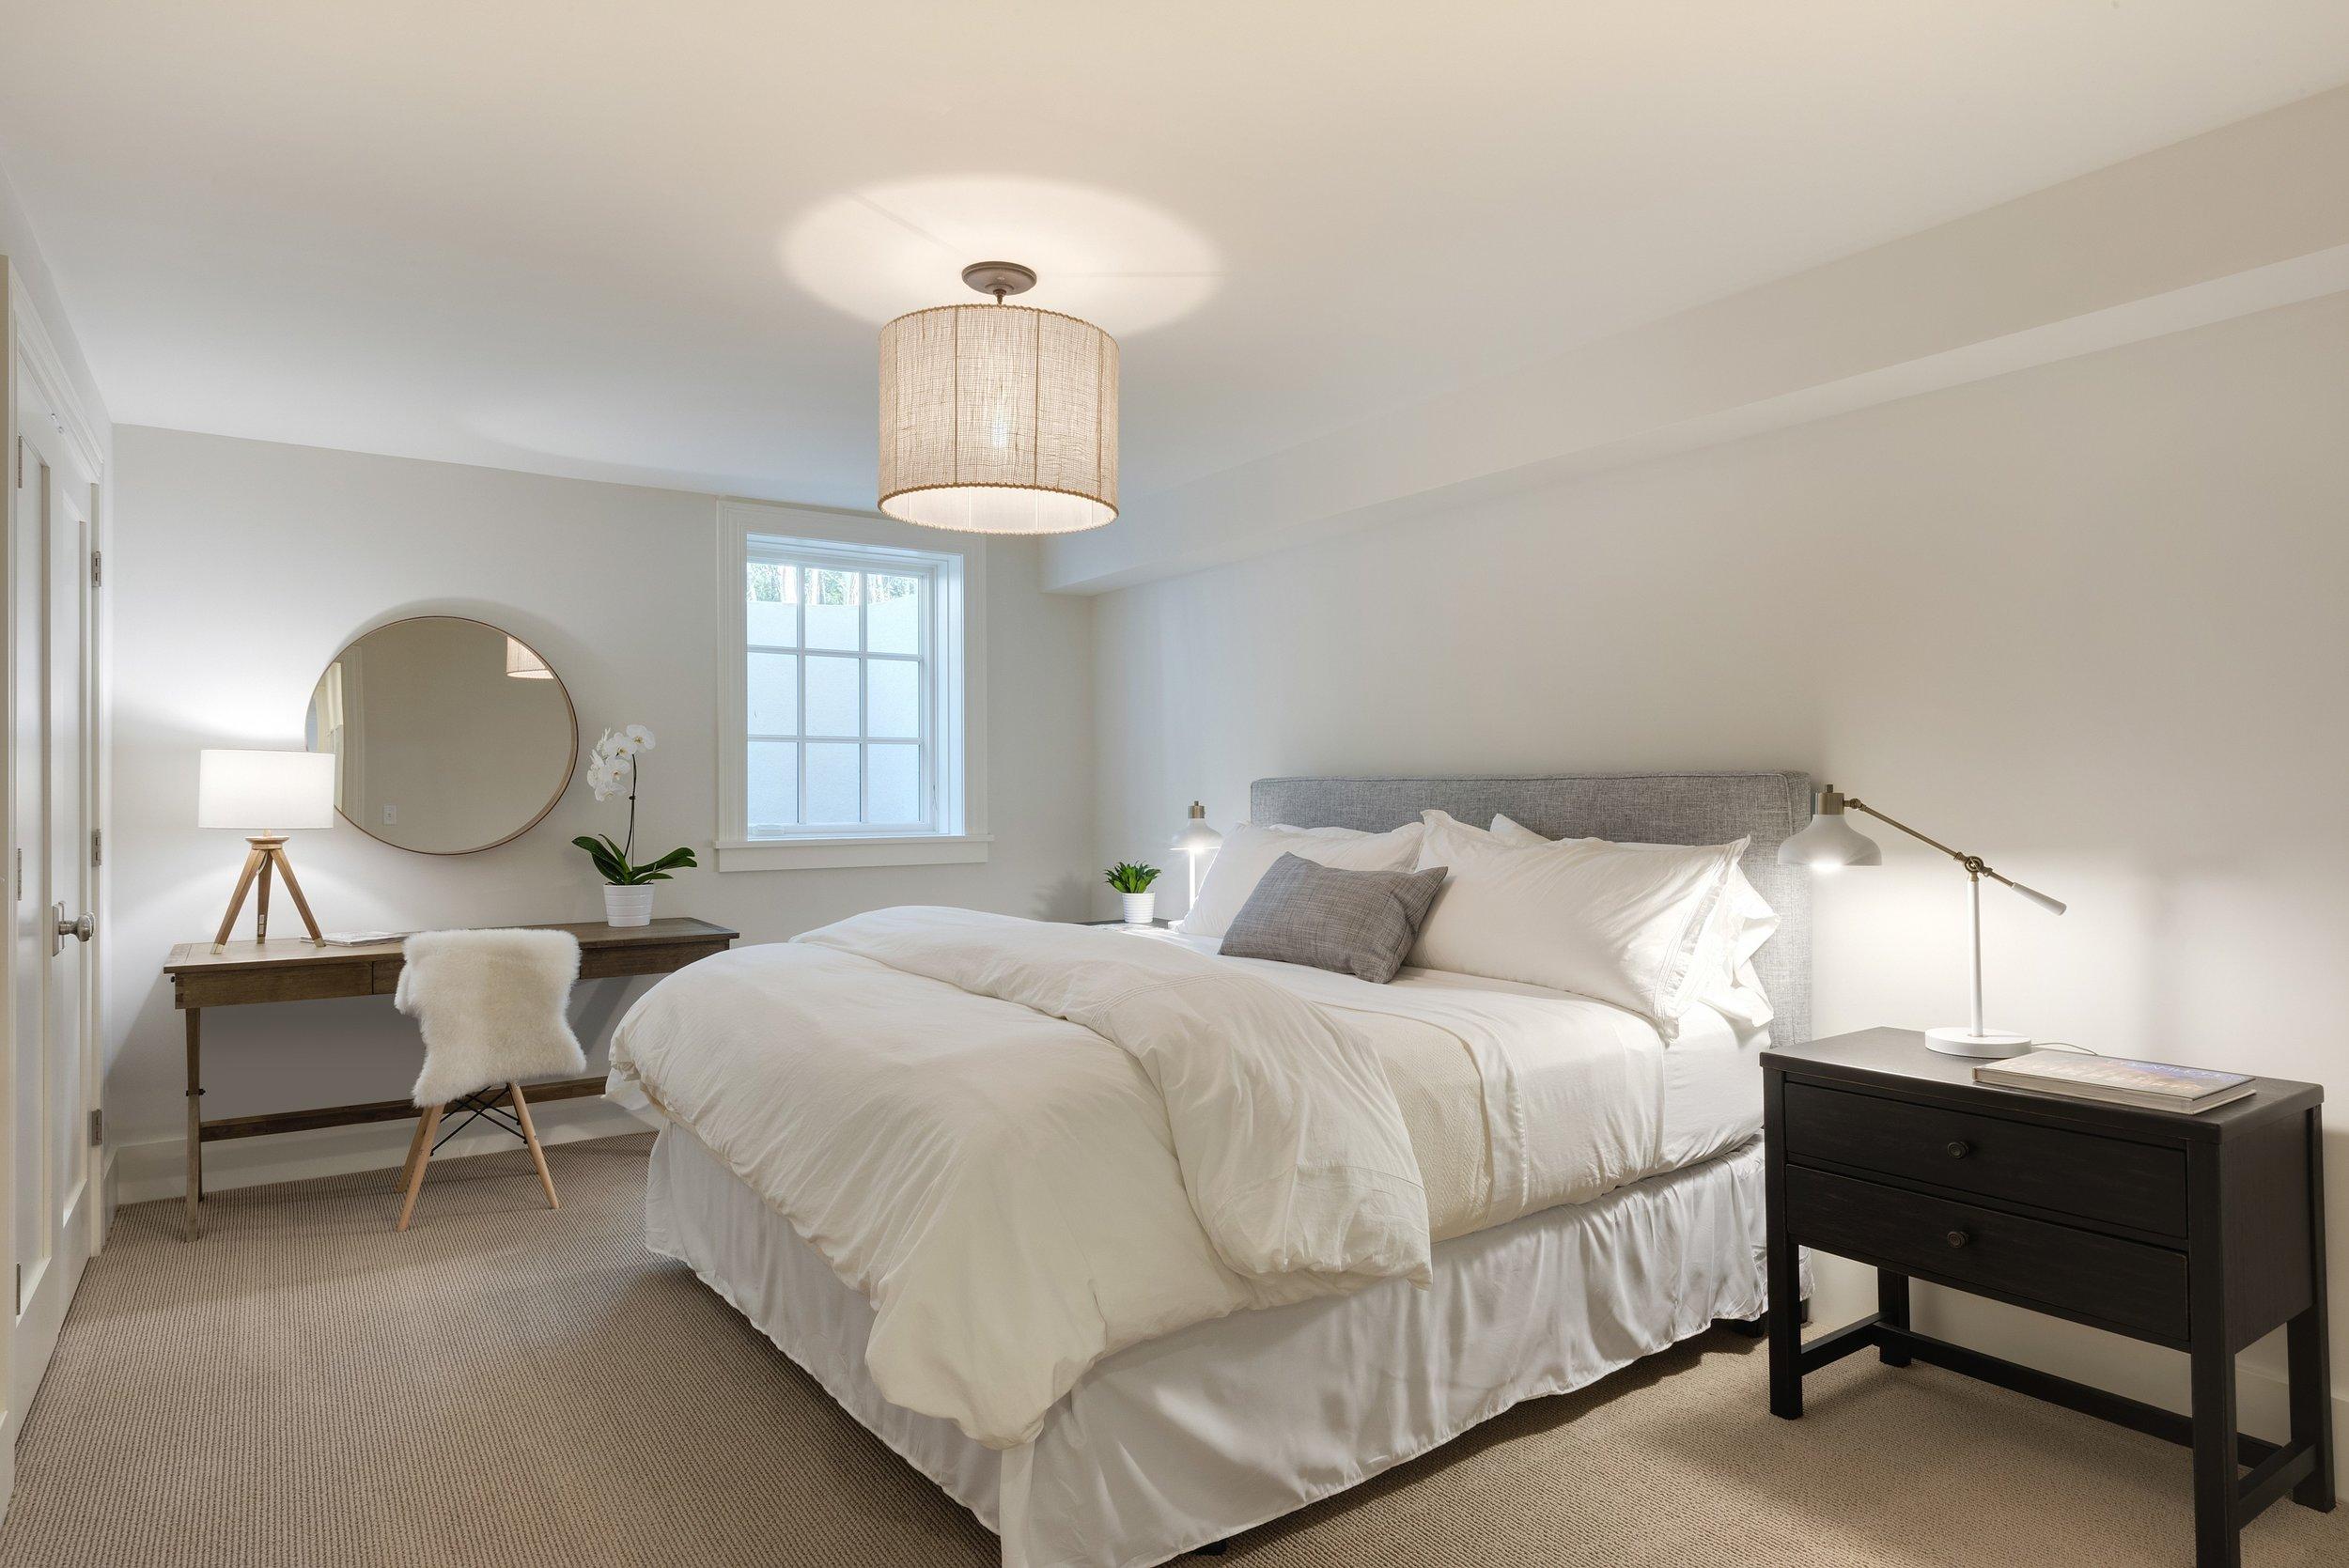 16-lower-level-bedroom.jpg